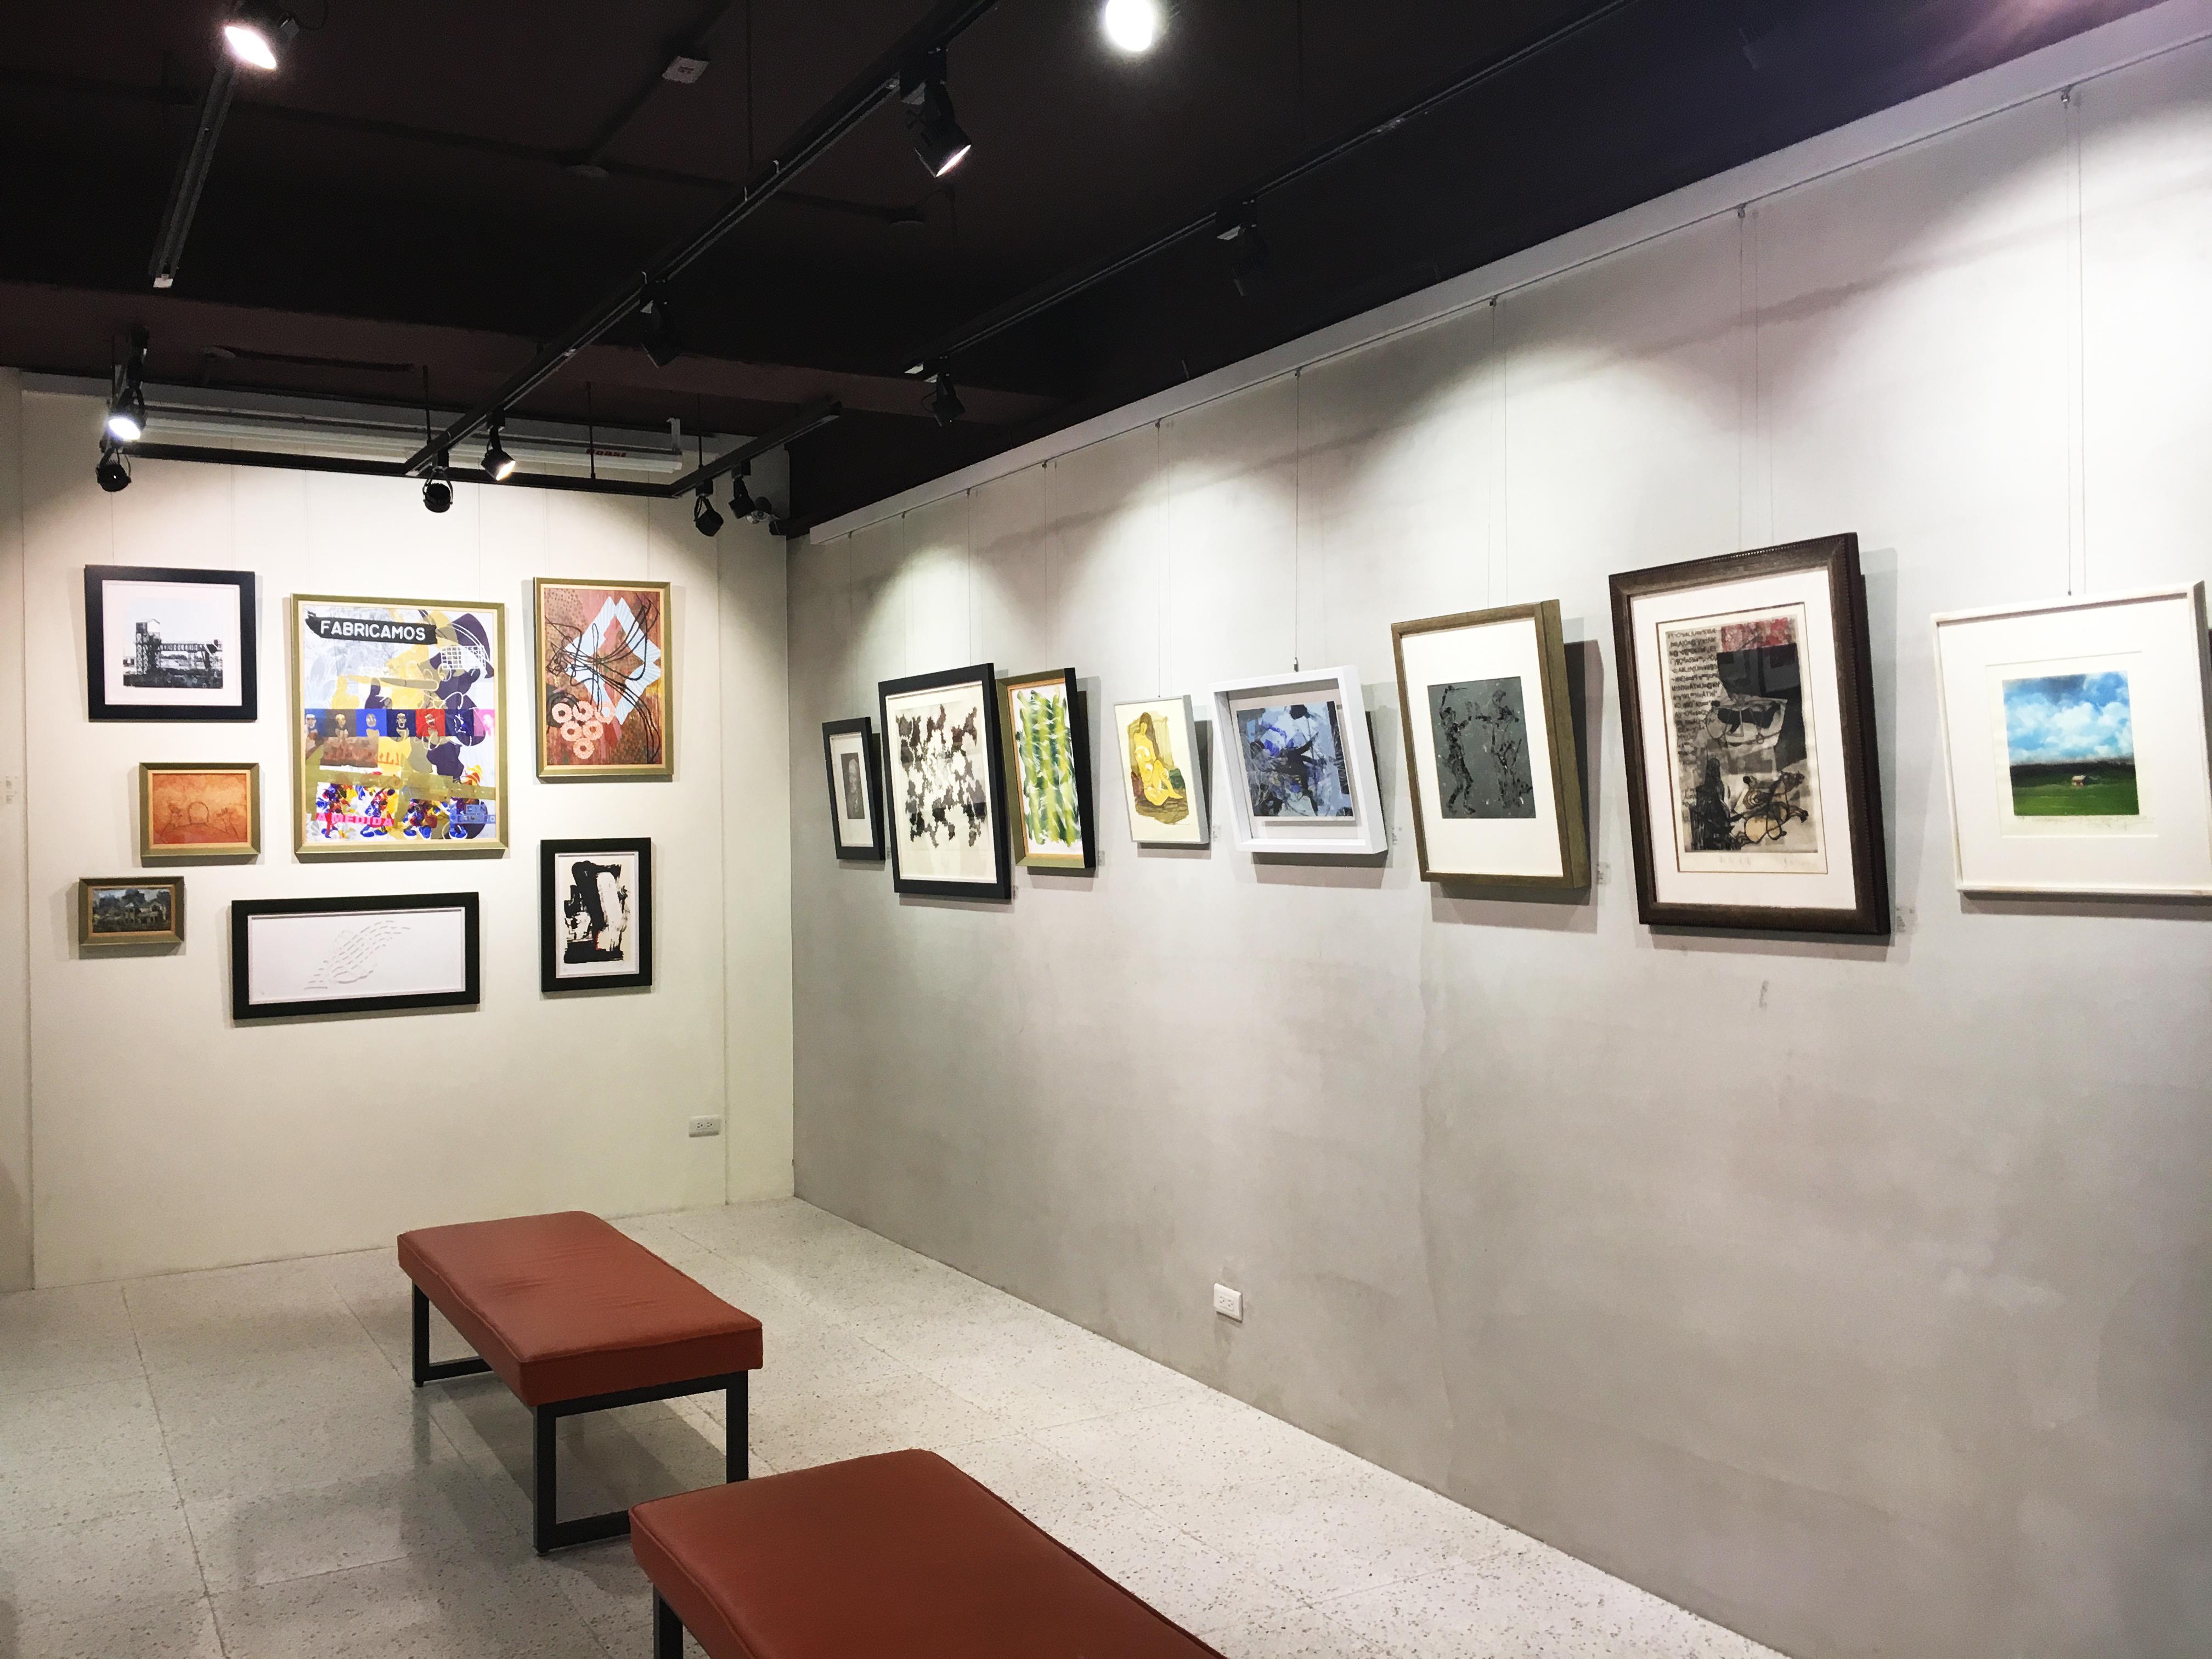 二空間展出臺灣、西班牙藝術家版畫交流聯展《自然》。